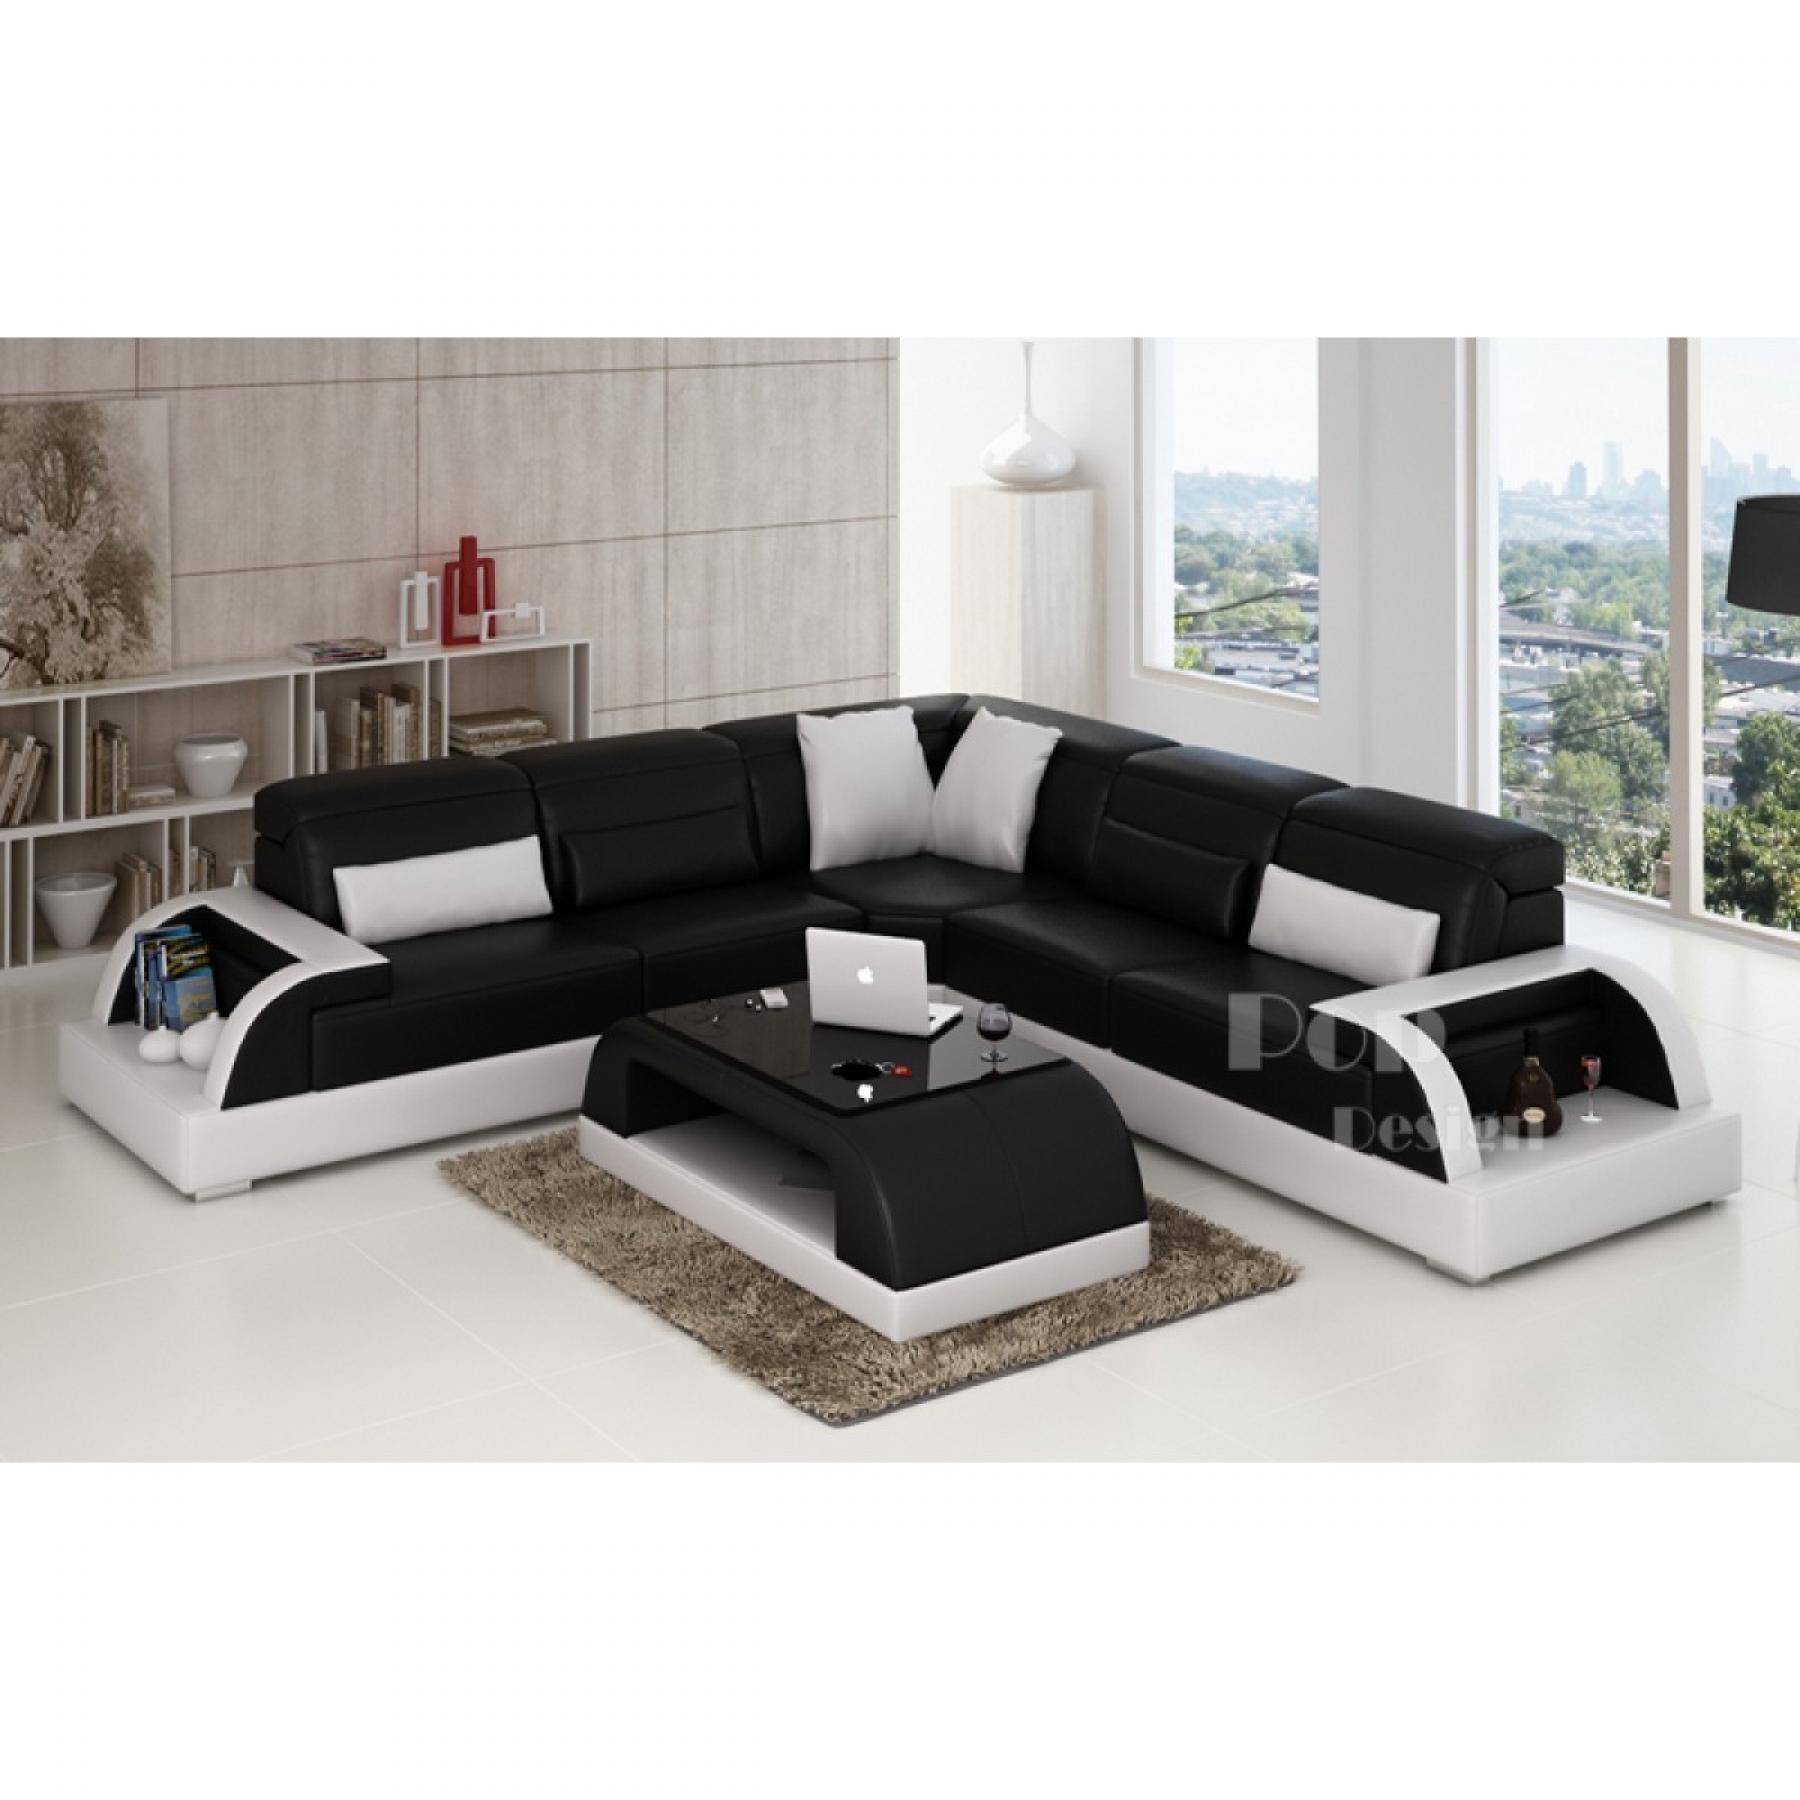 photos canap d 39 angle design noir et blanc. Black Bedroom Furniture Sets. Home Design Ideas